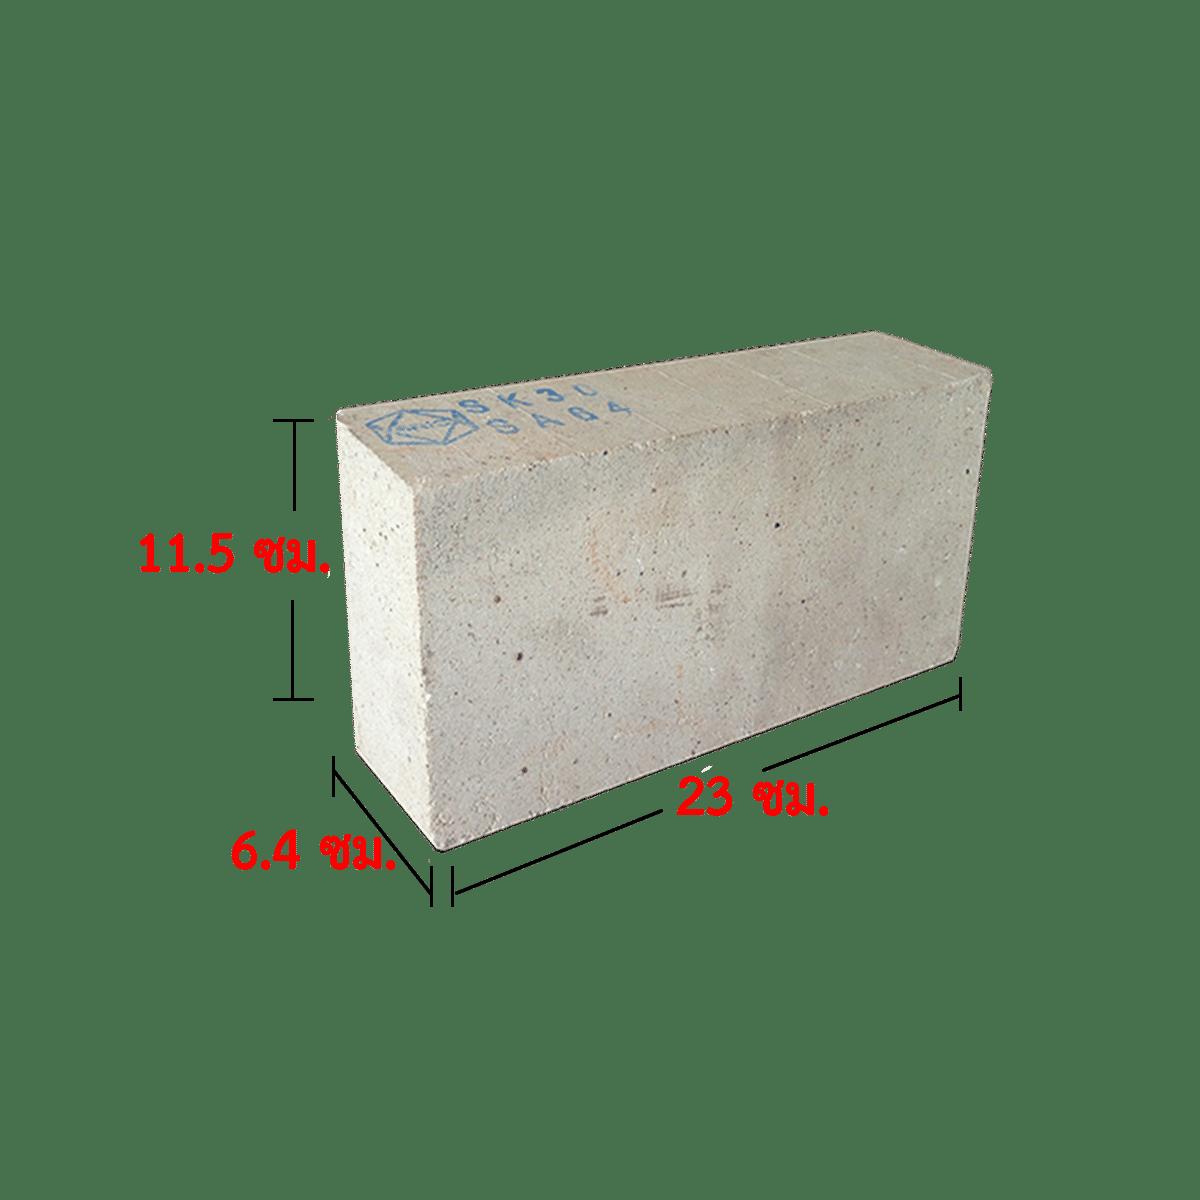 อิฐทนไฟ SK30 SA64 ขนาด 6.4X11.5X23 ซม.